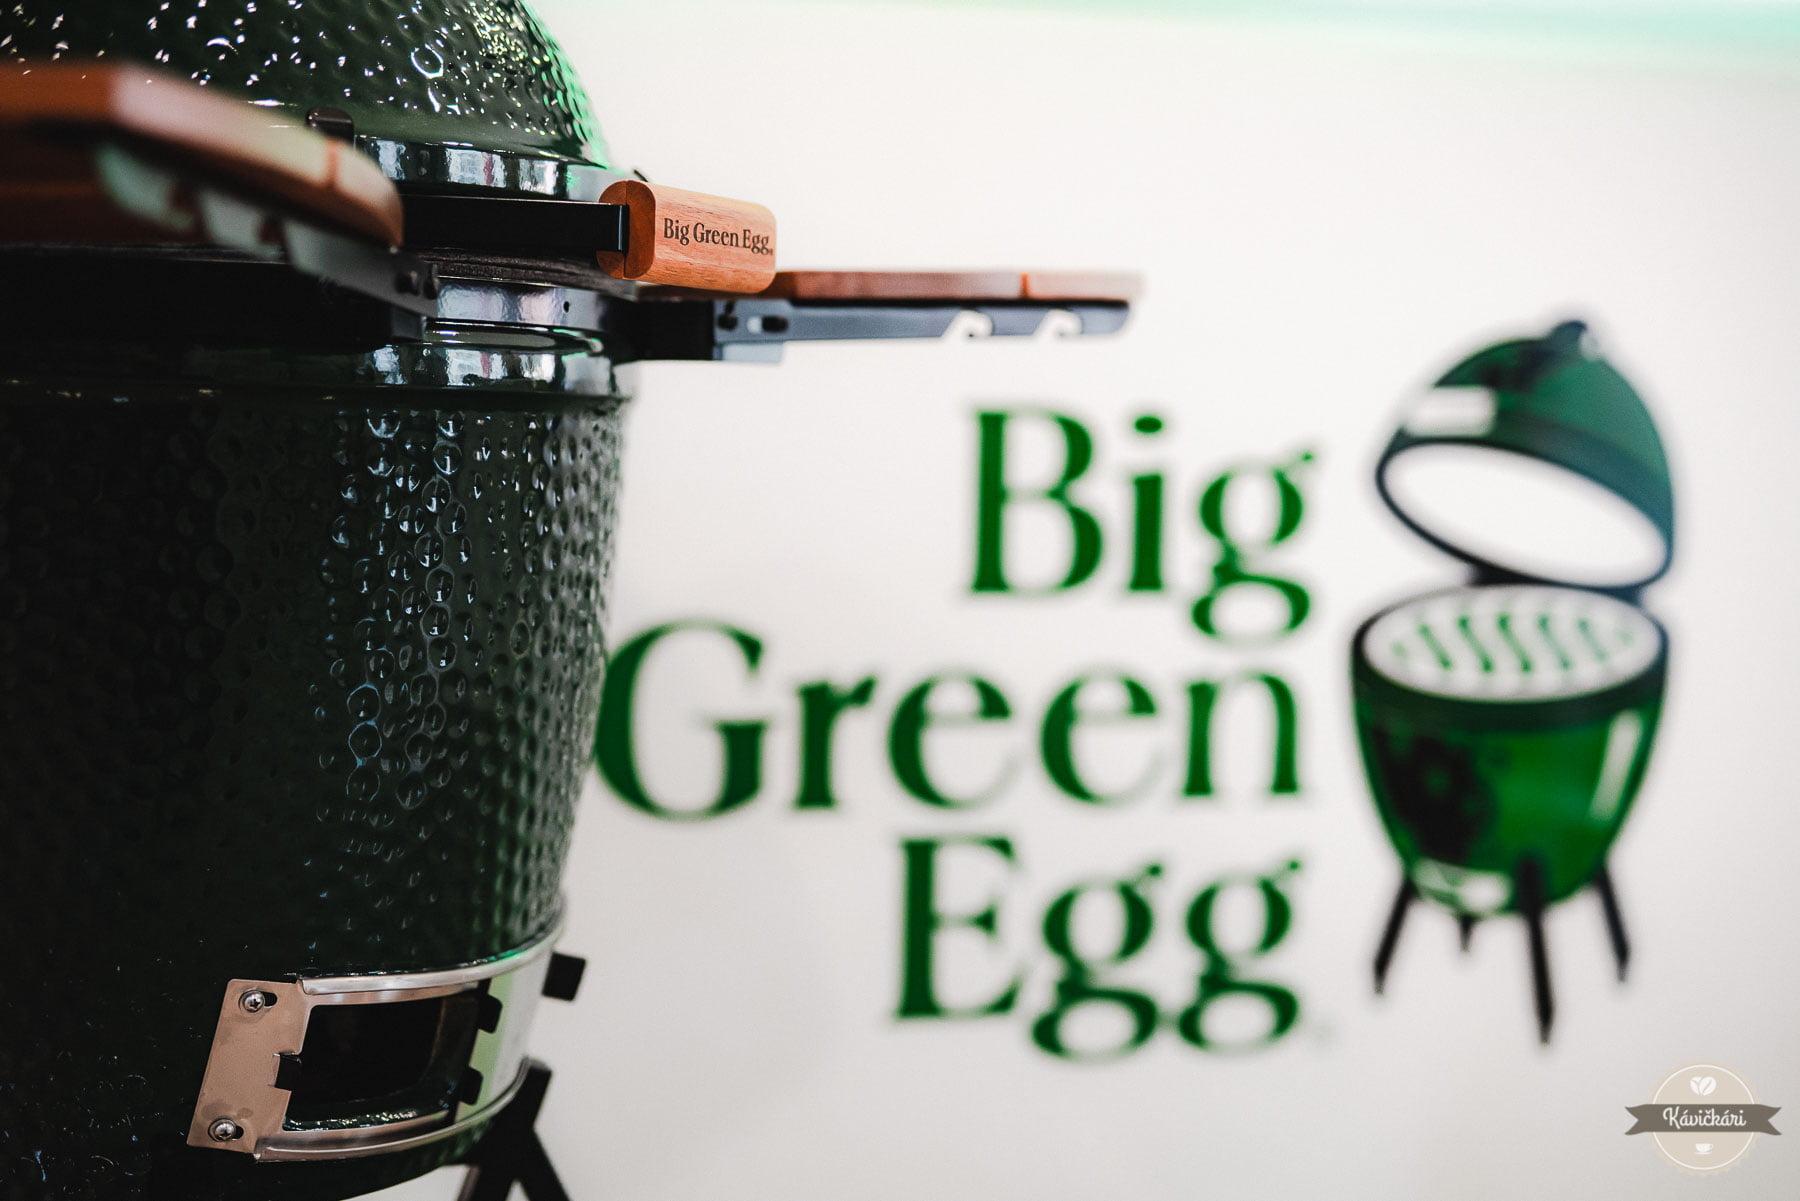 green-egg-centrum-52